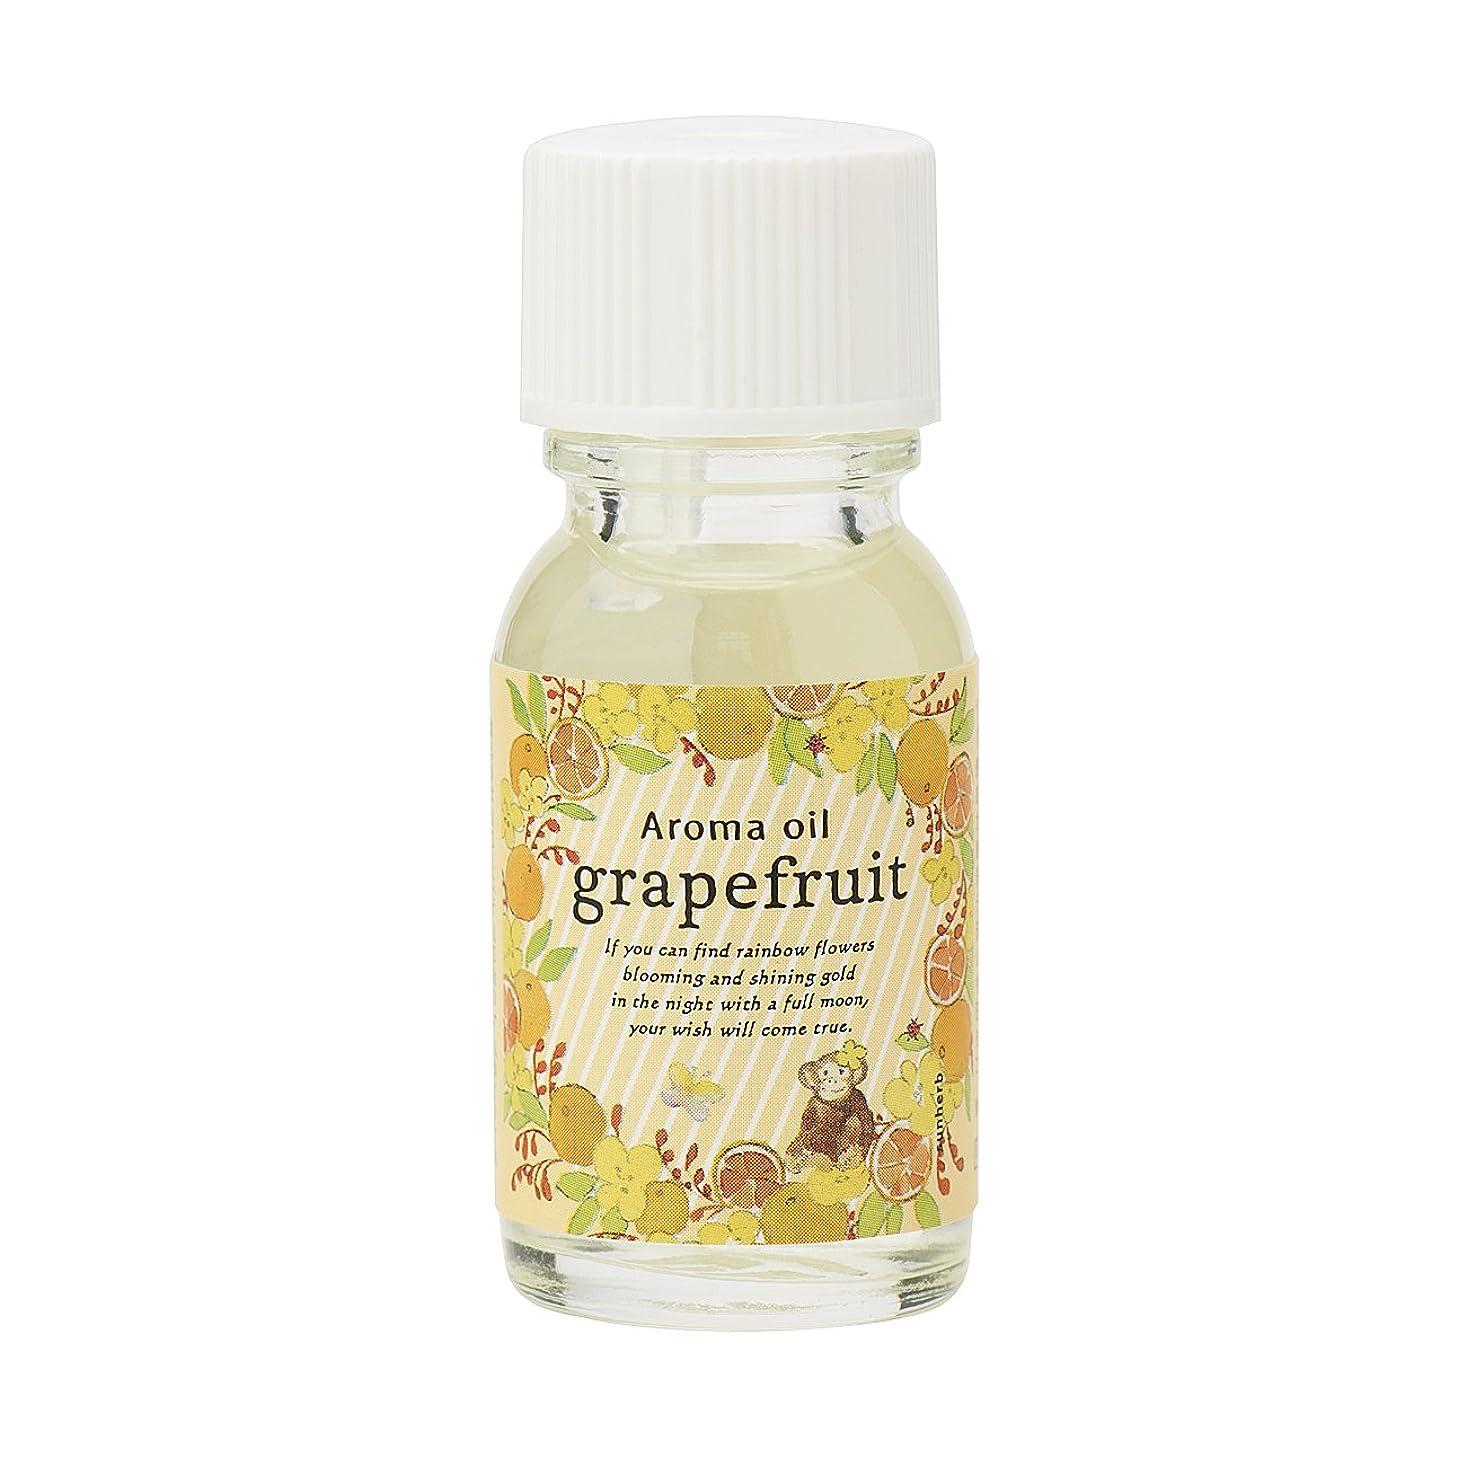 締め切り満足いわゆるサンハーブ アロマオイル グレープフルーツ 13ml(シャキっとまぶしい柑橘系の香り)